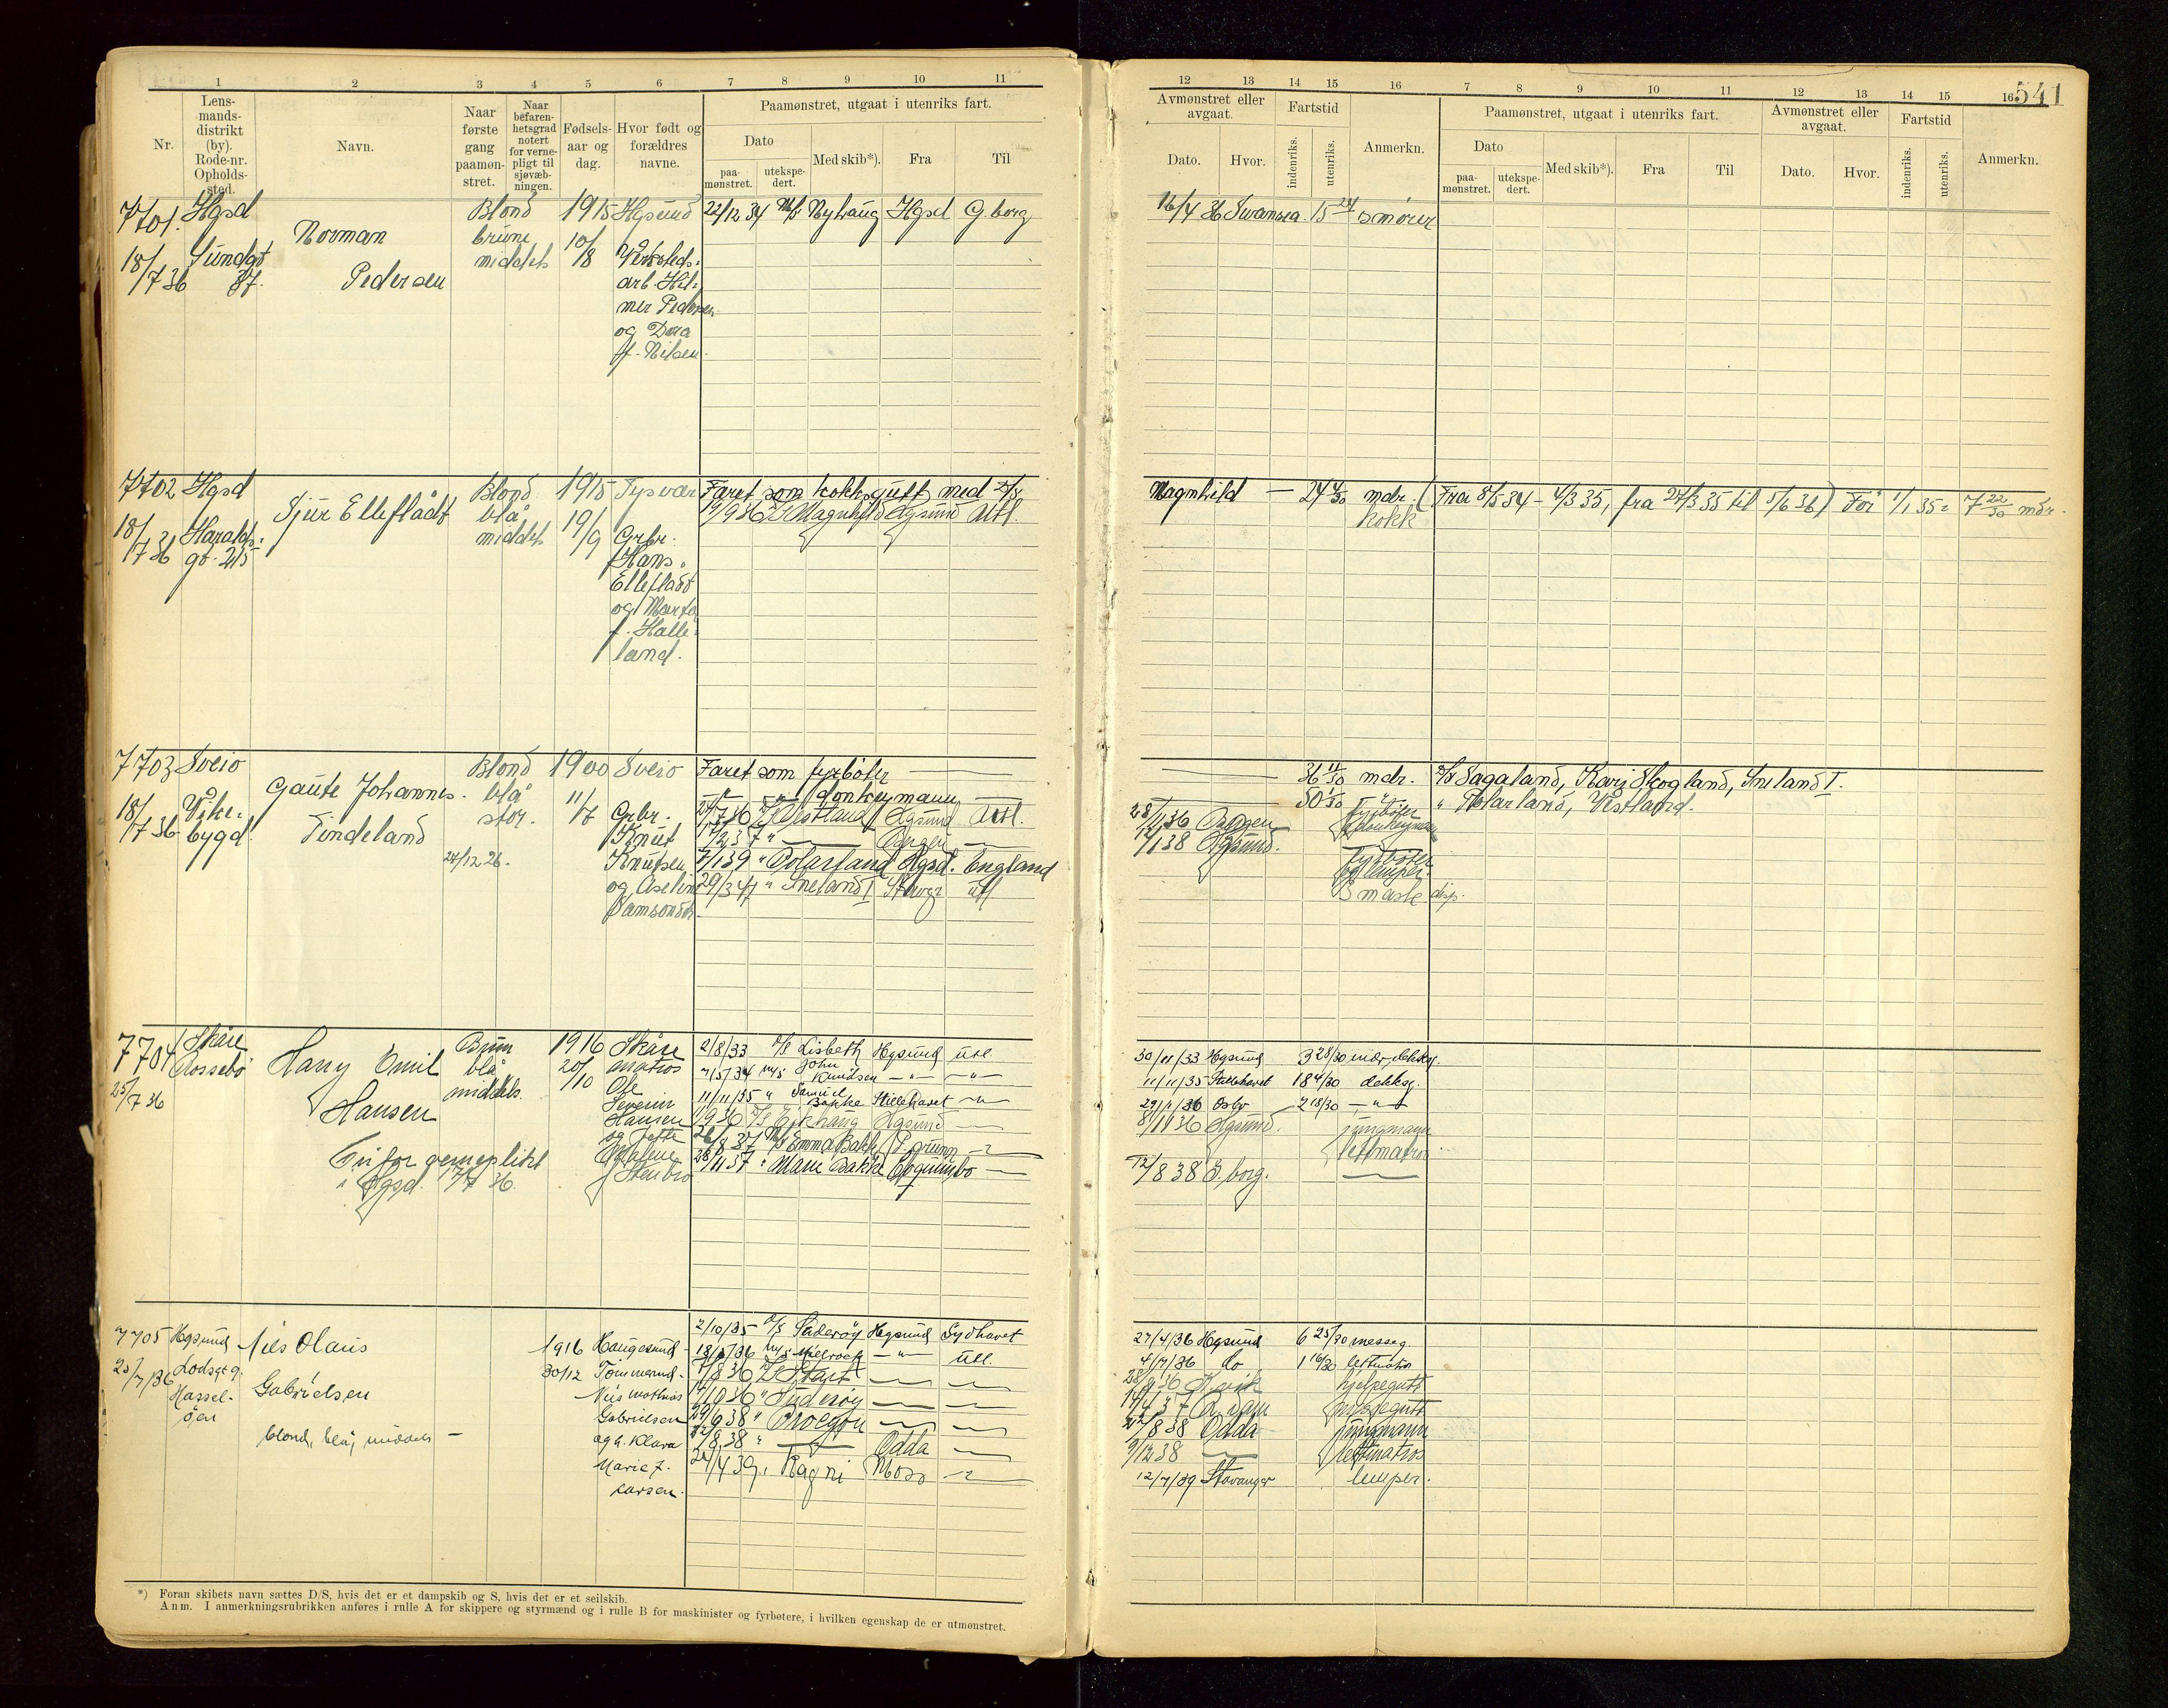 SAST, Haugesund sjømannskontor, F/Fb/Fbb/L0015: Sjøfartsrulle A Haugesund krets I nr 5001-8970, 1912-1948, s. 541